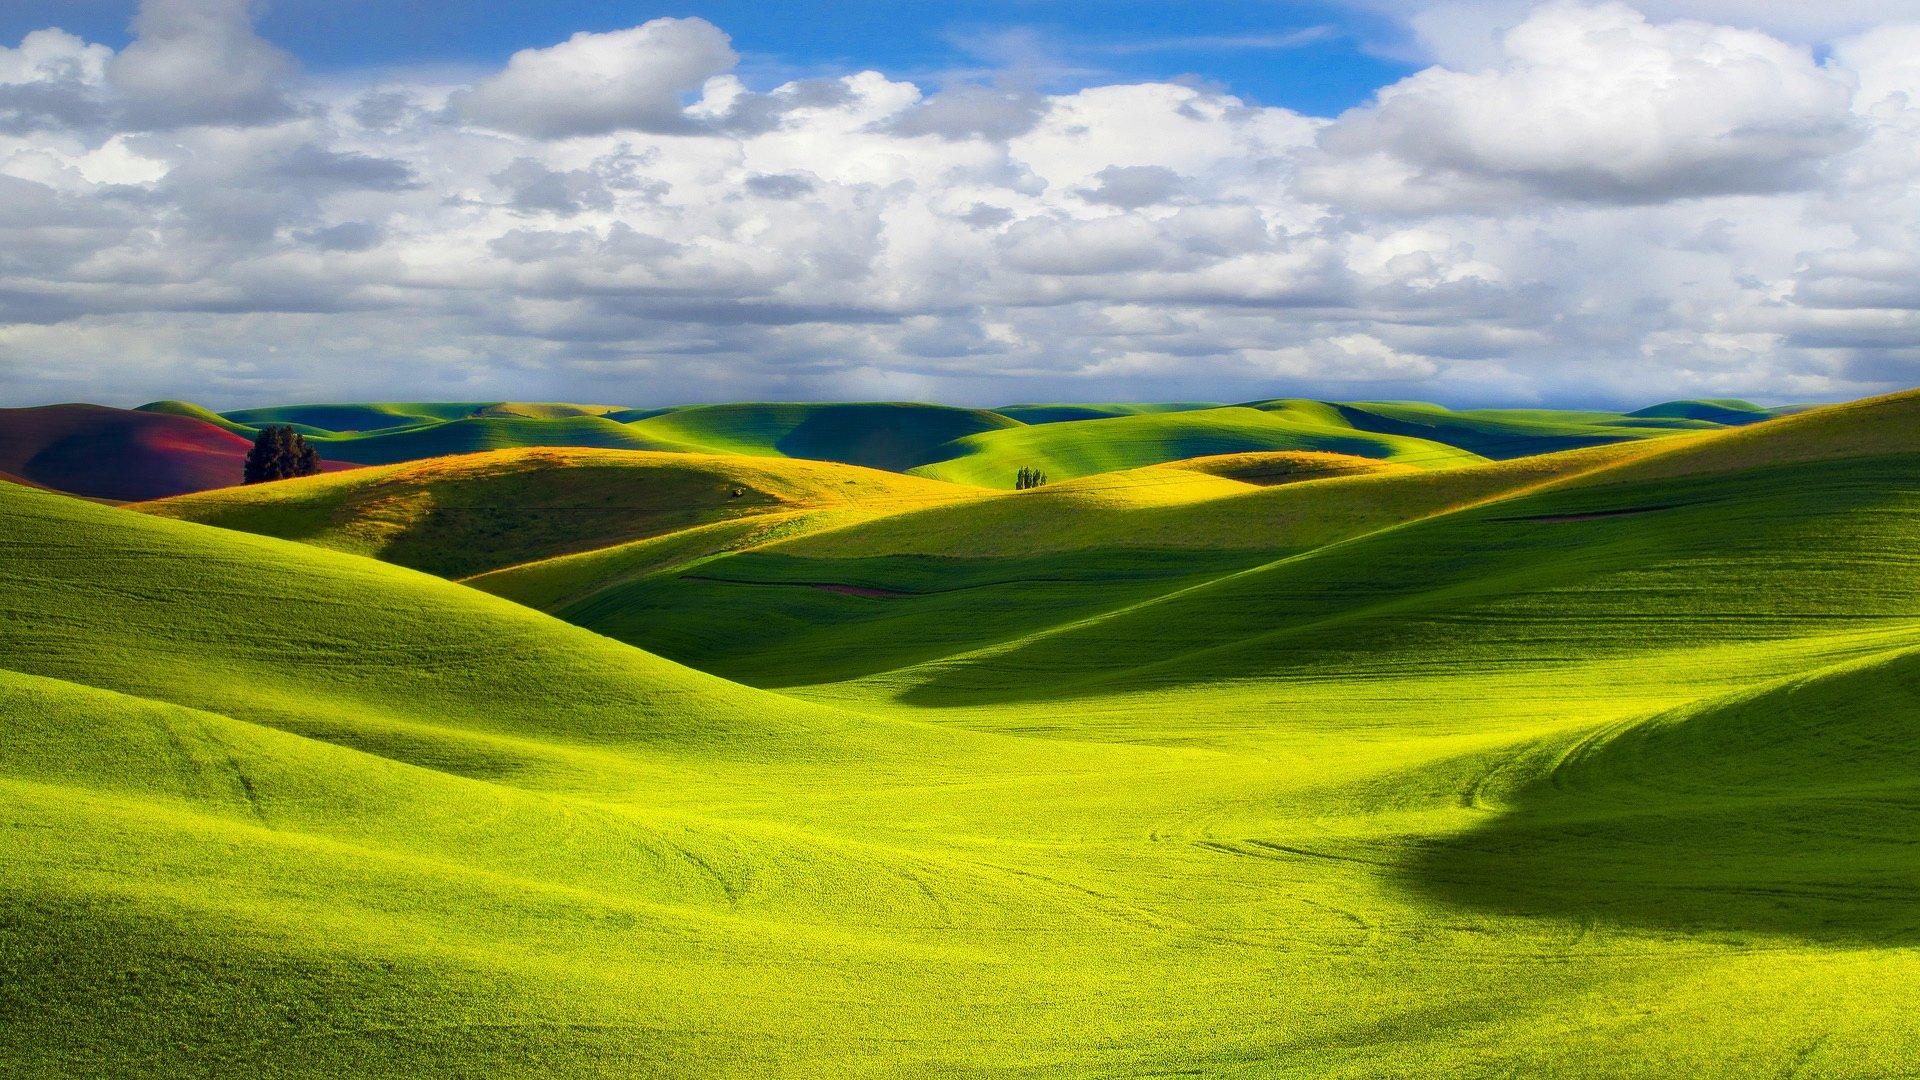 壁纸 草原 成片种植 风景 植物 种植基地 桌面 1920_1080